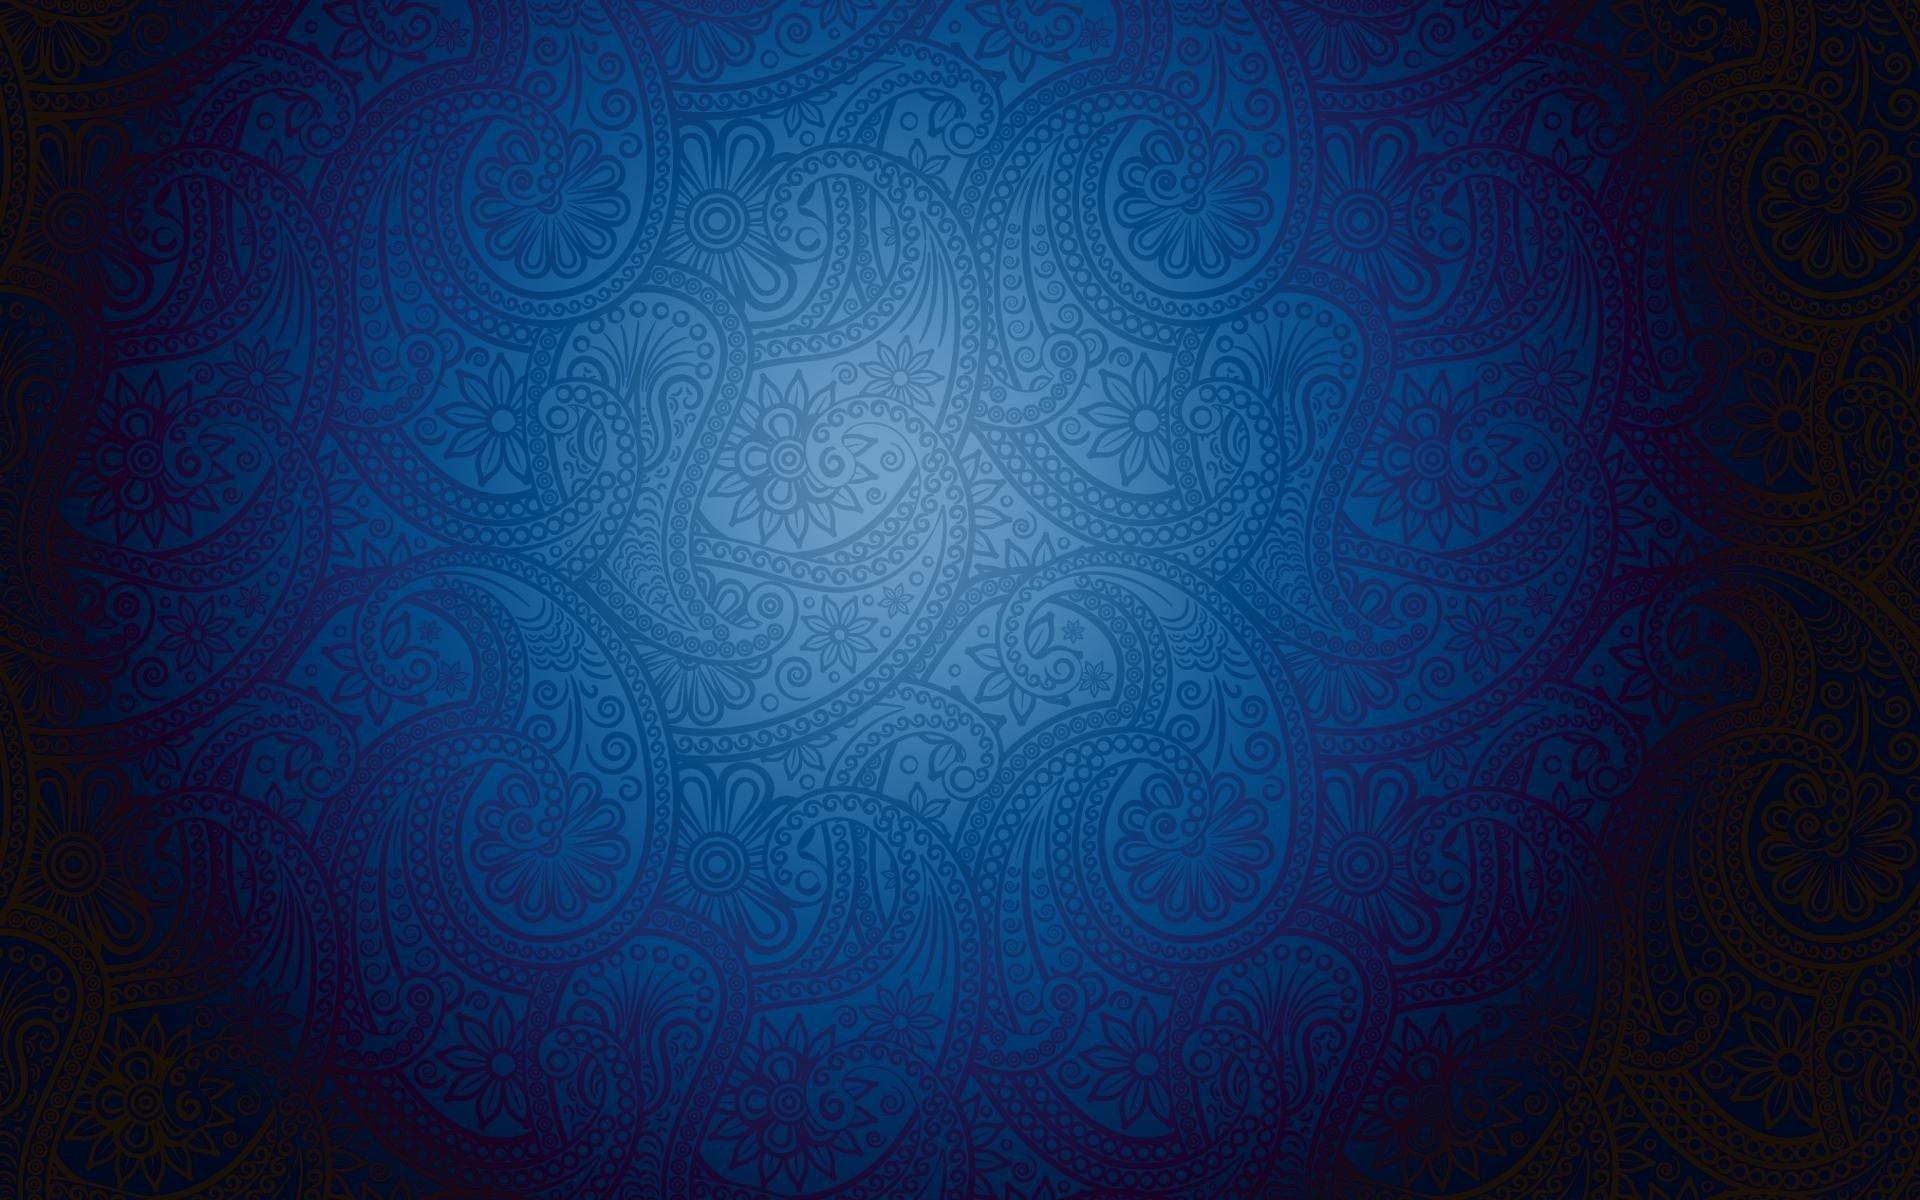 Texture pattern blue background wallpaper   ForWallpapercom 1920x1200